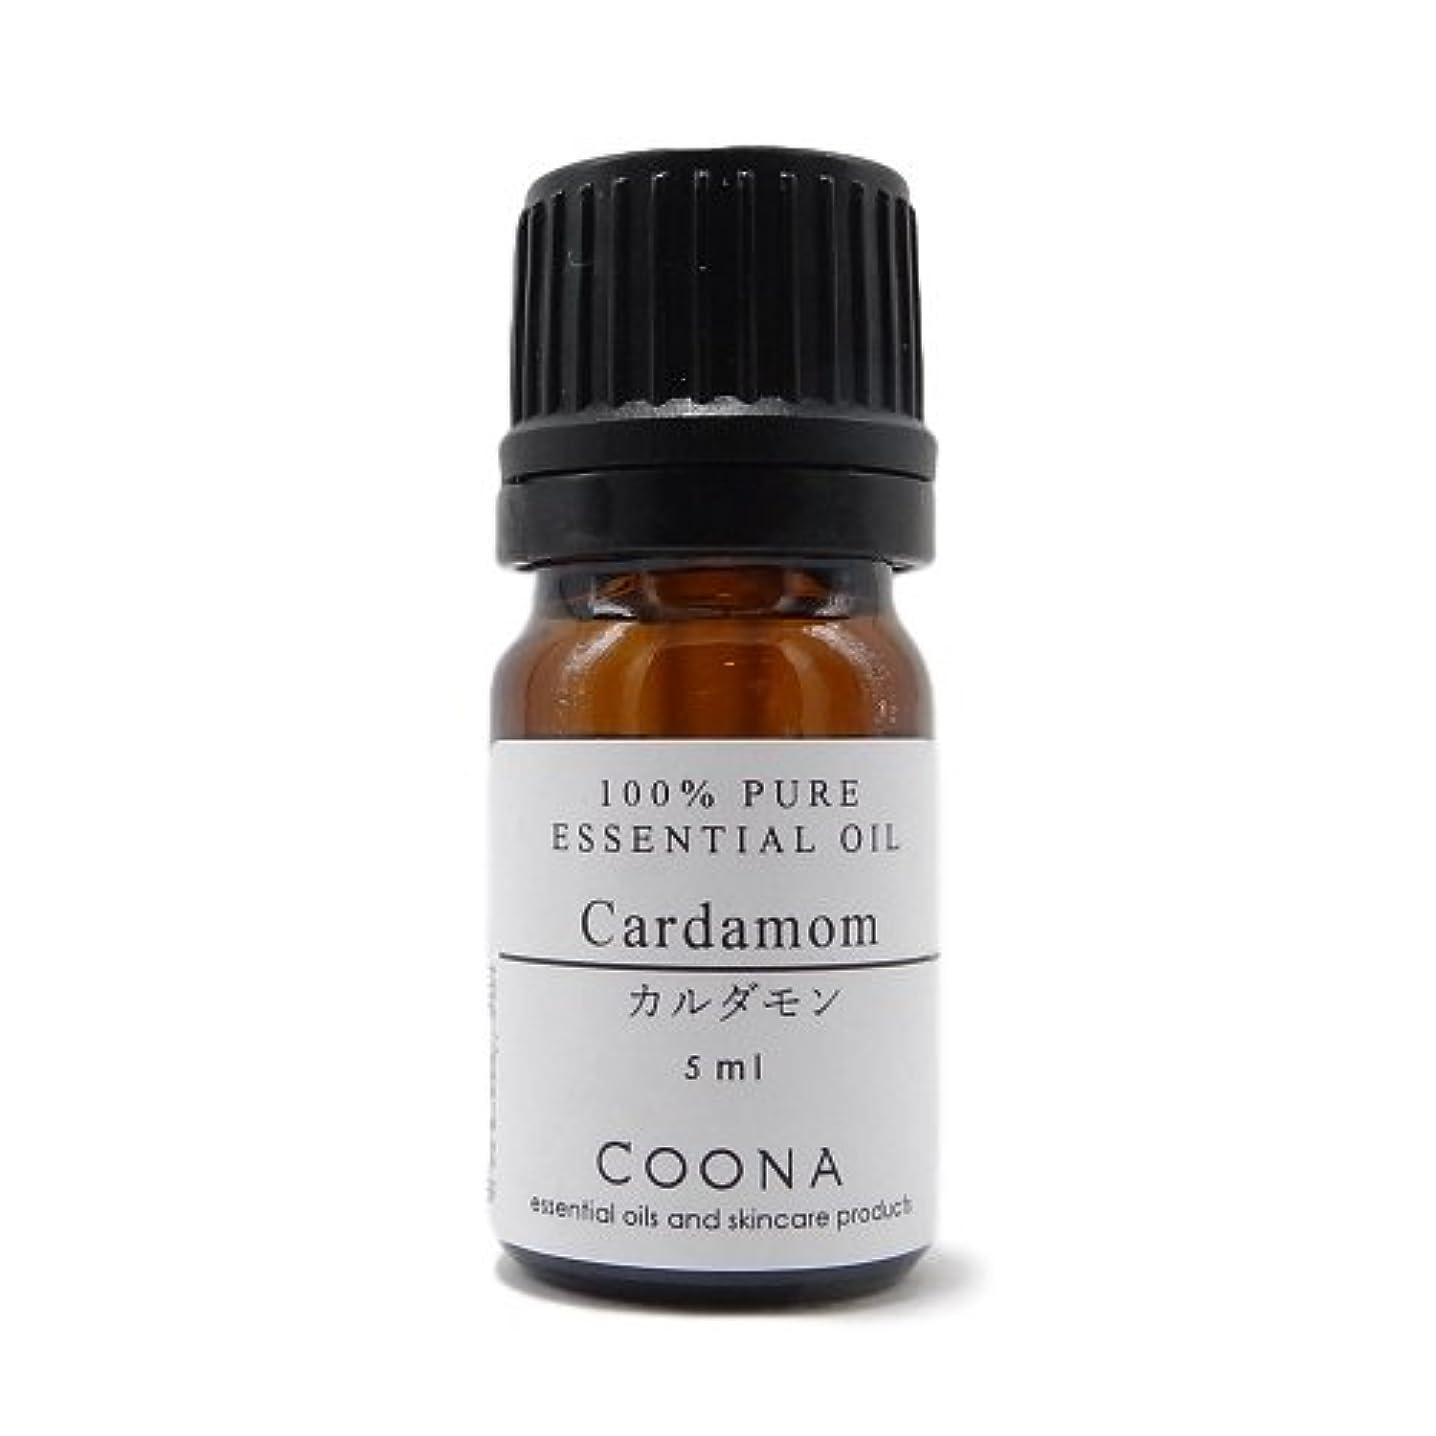 ブラウズレンディション裁定カルダモン 5 ml (COONA エッセンシャルオイル アロマオイル 100%天然植物精油)